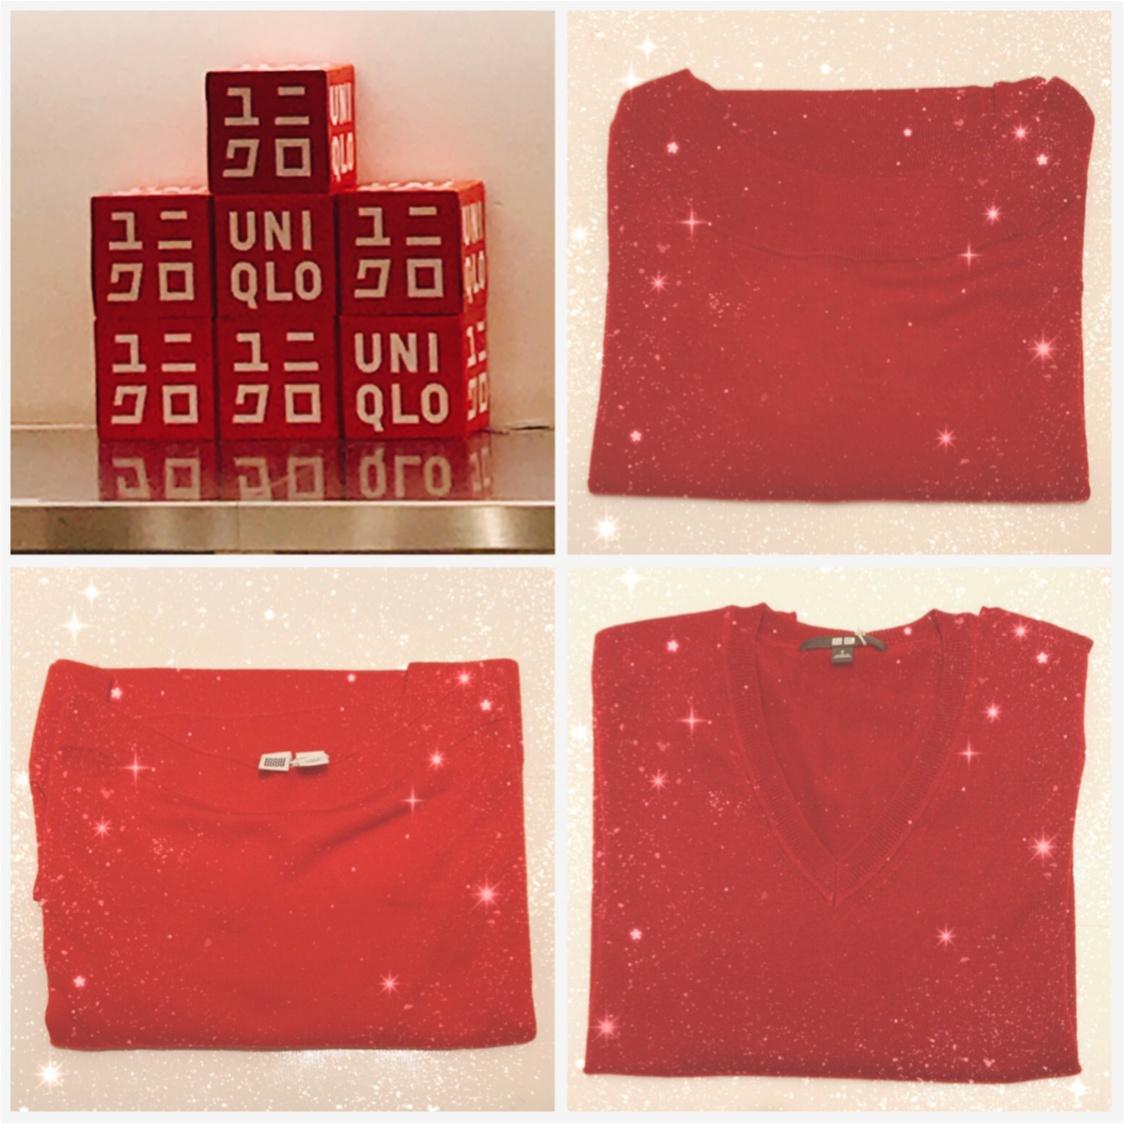 この秋、一番欲しいのは赤ニット♡ユニクロニットを徹底比較!Uniqlo Uの新作もご紹介♪_1